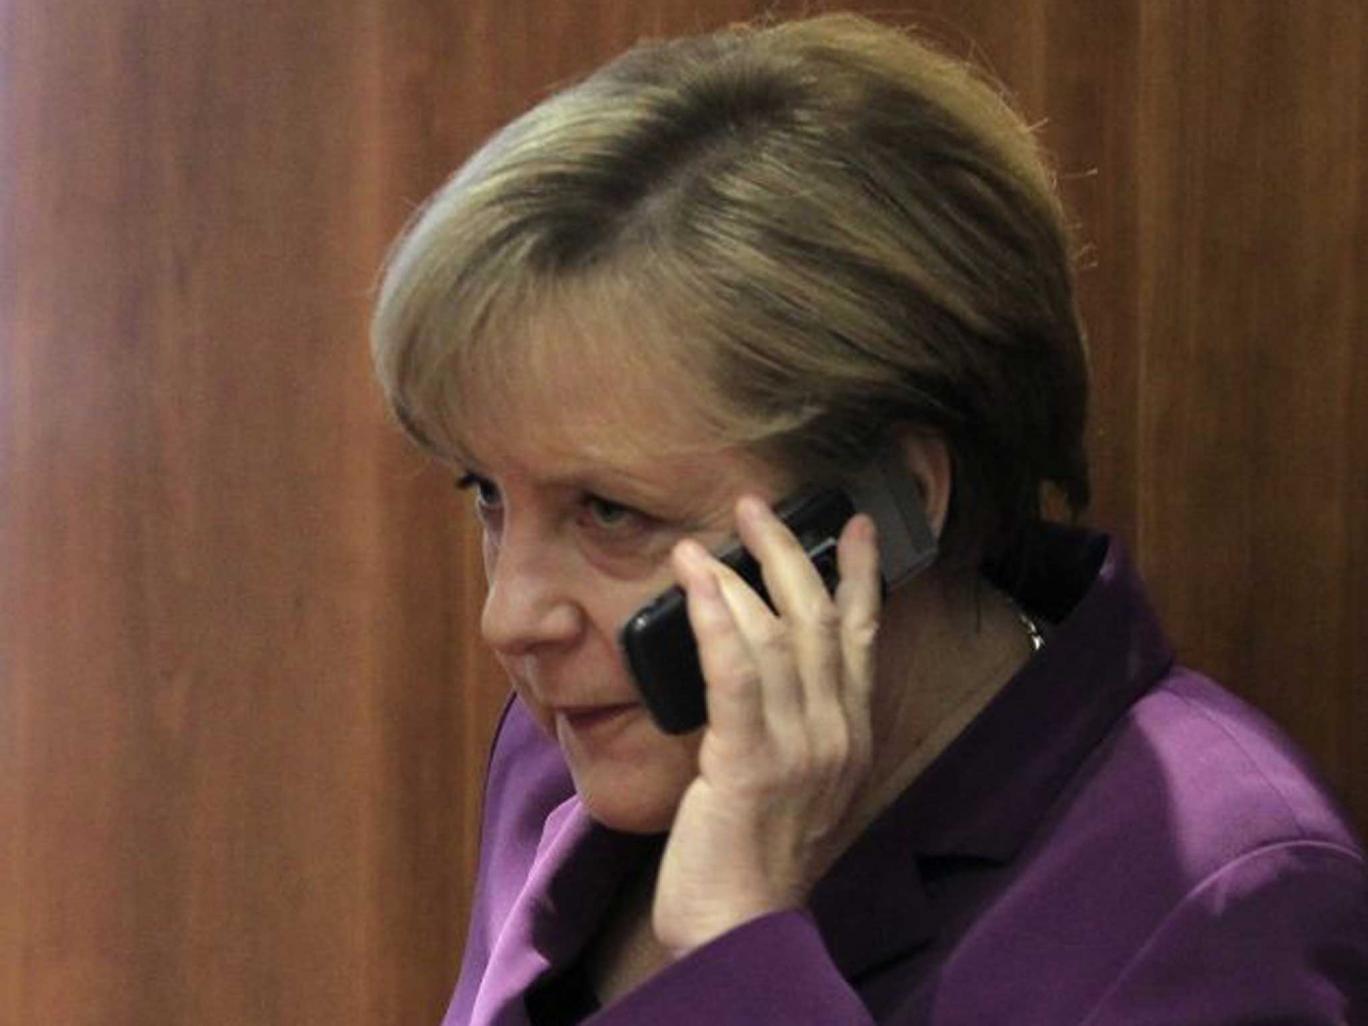 Angela Merkel using her phone two years ago